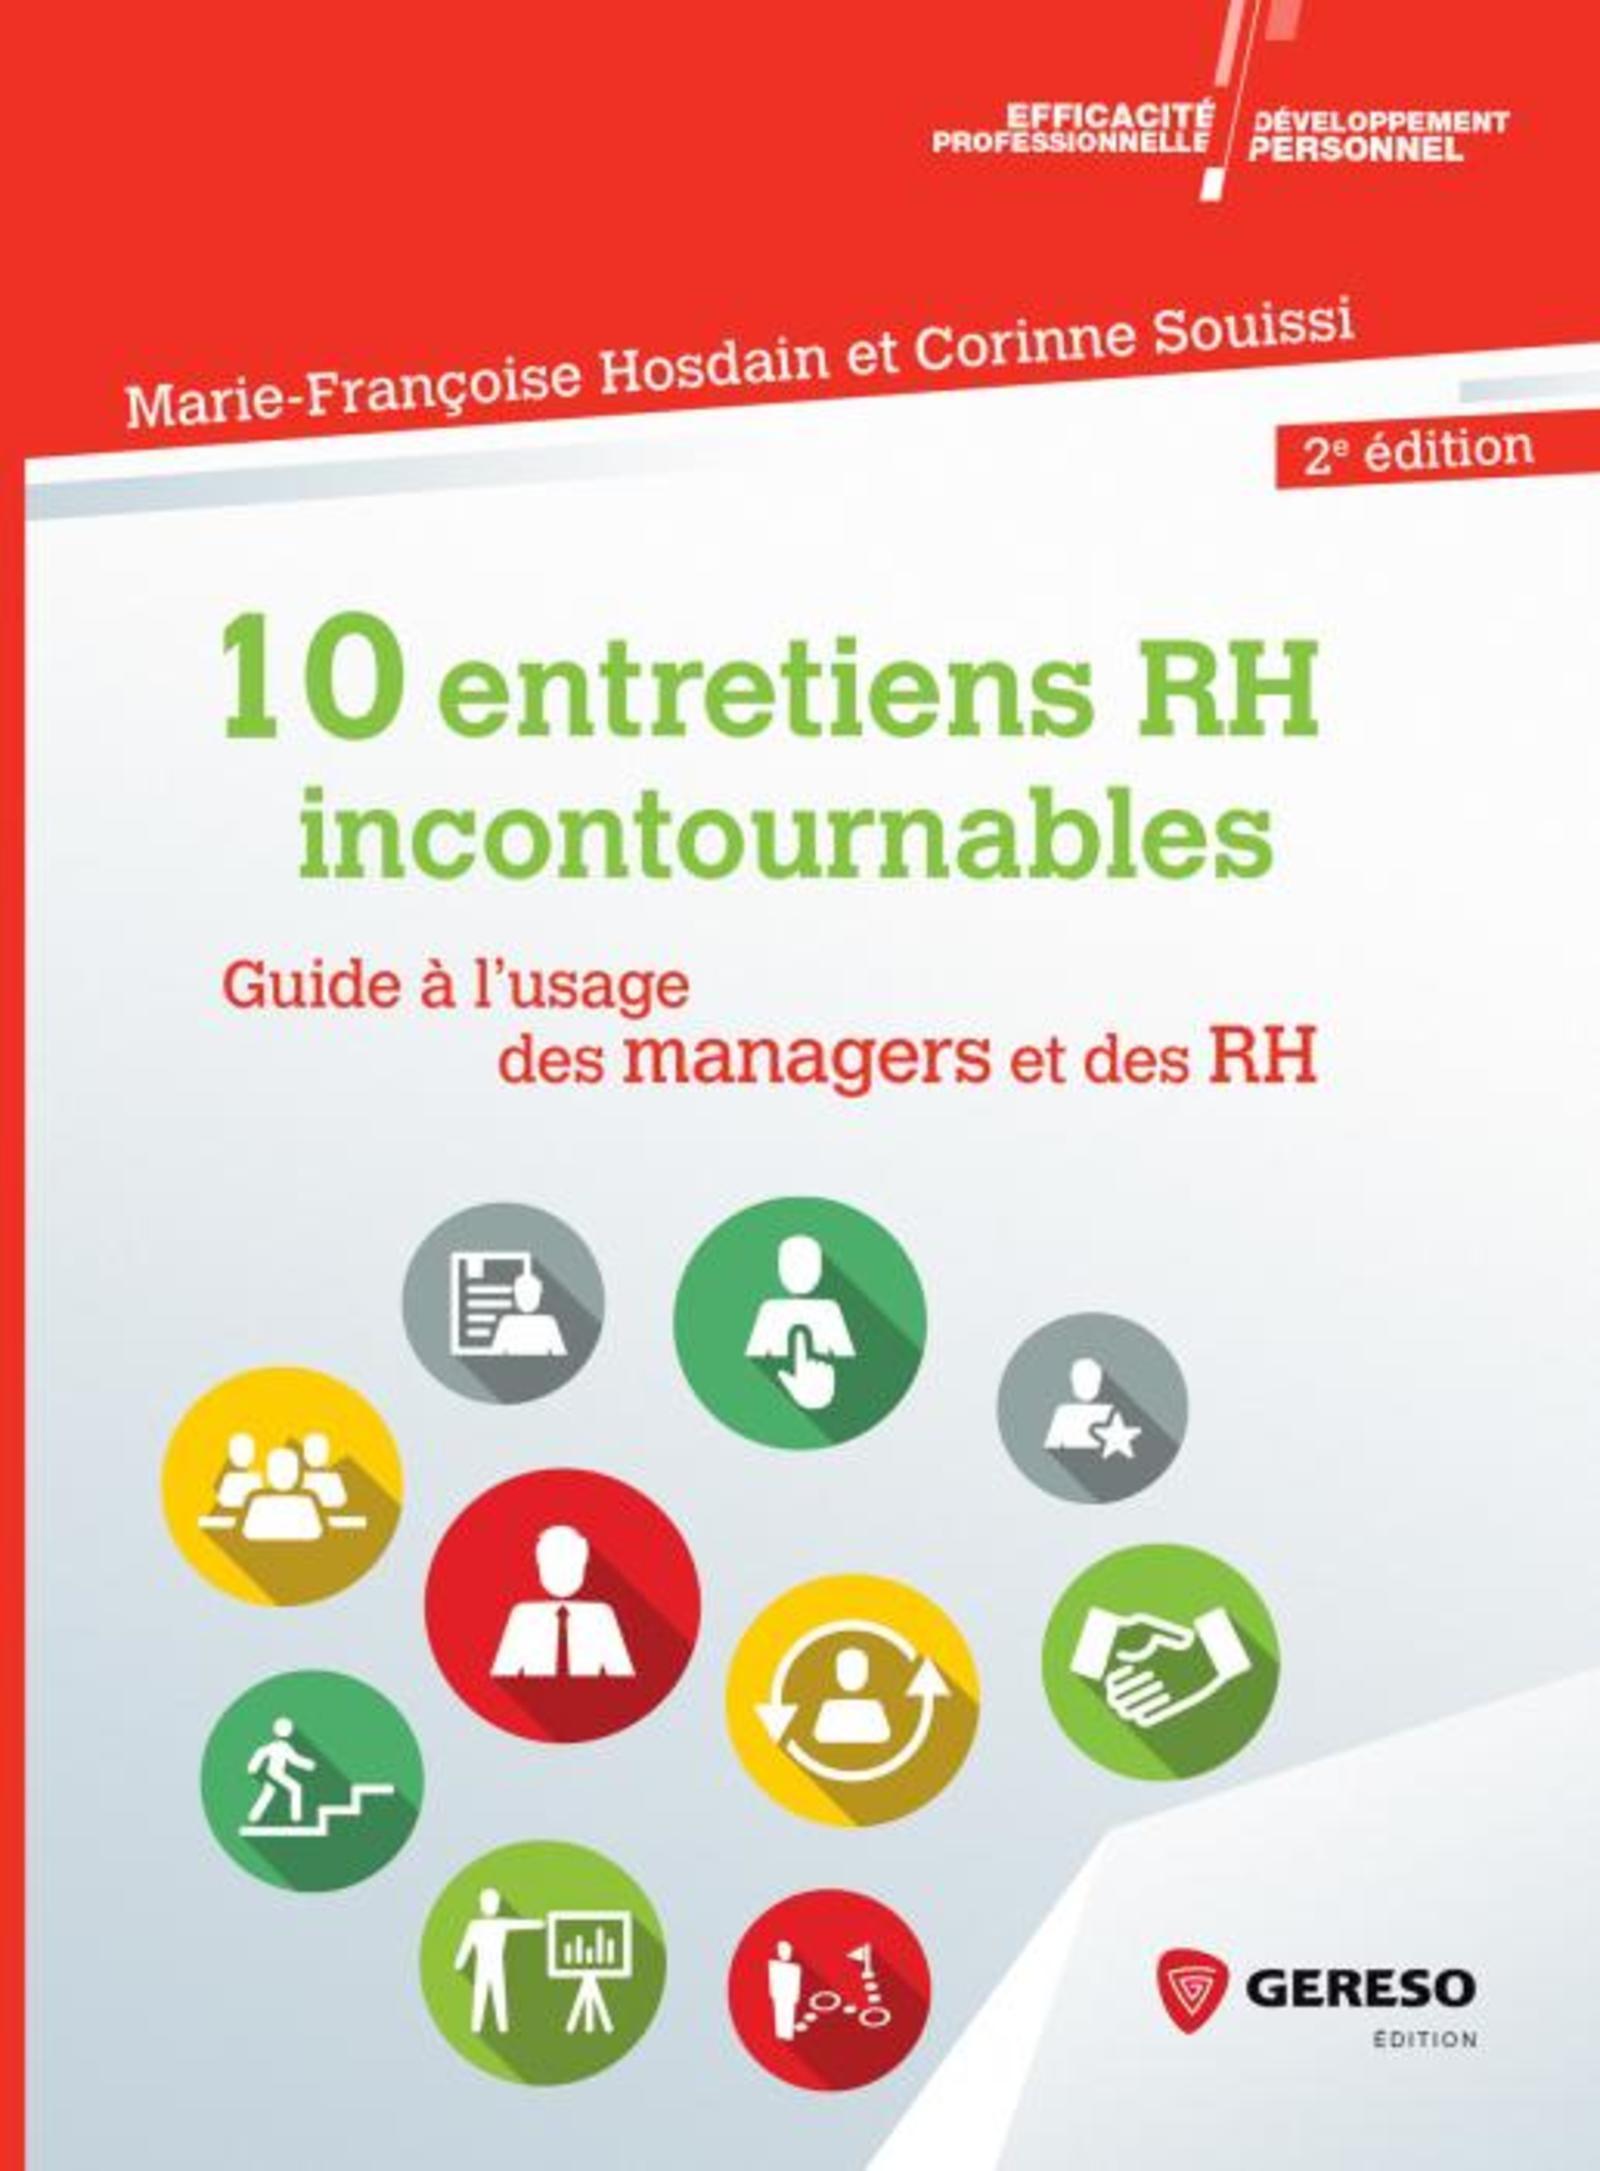 10 ENTRETIENS RH INCONTOURNABLES - GUIDE A L'USAGE DES MANAGERS ET DES RH